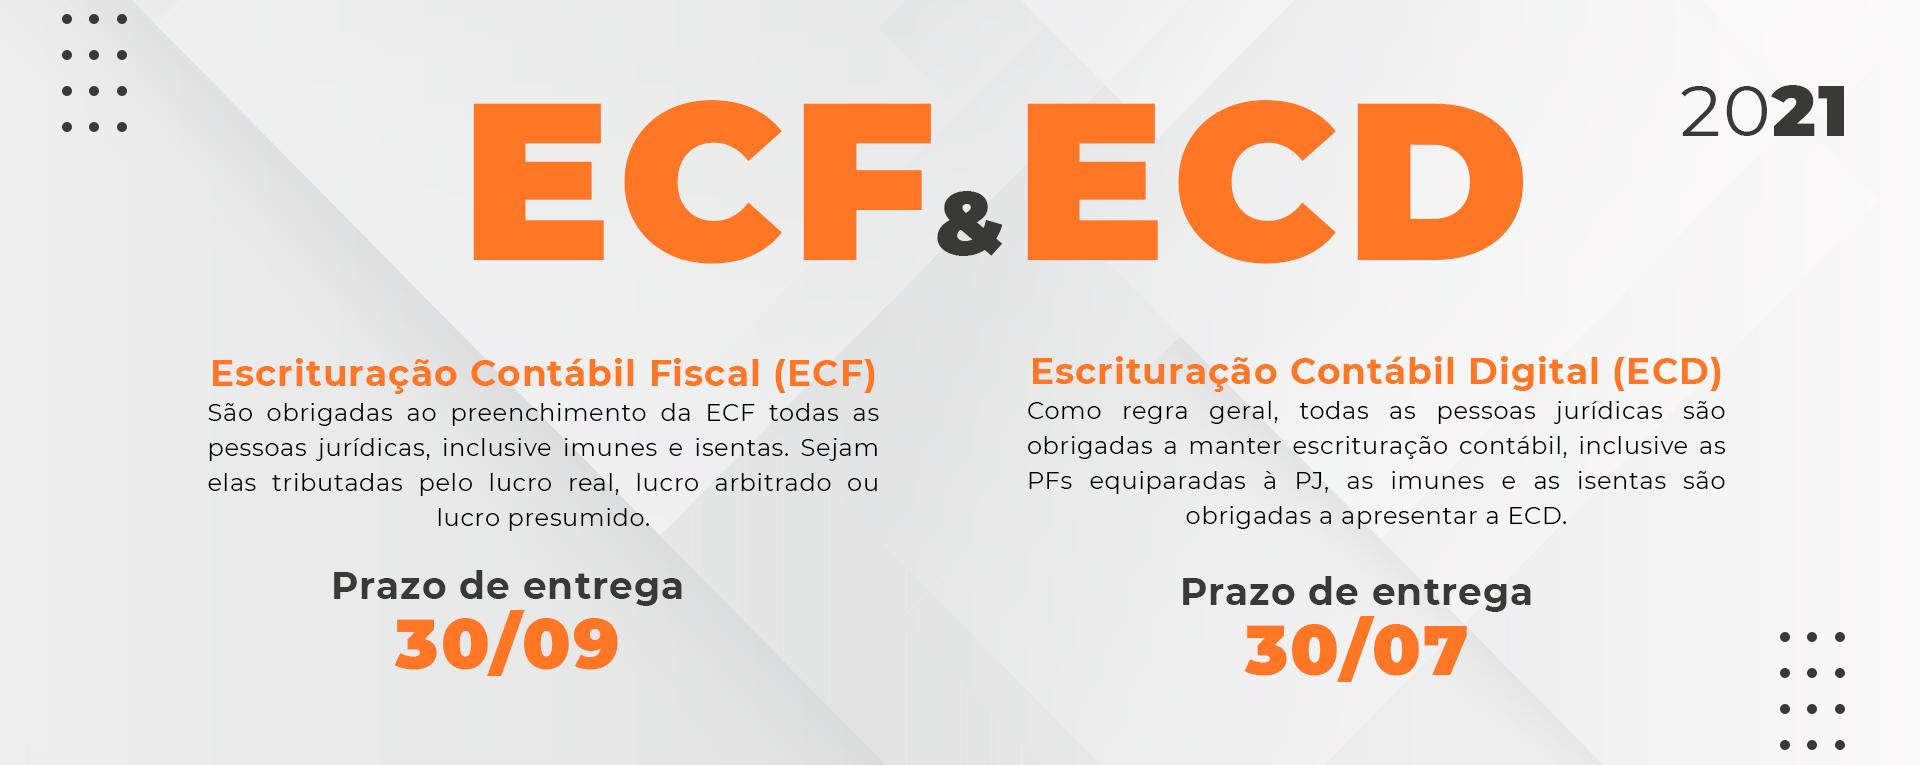 ECD/ECF 2021